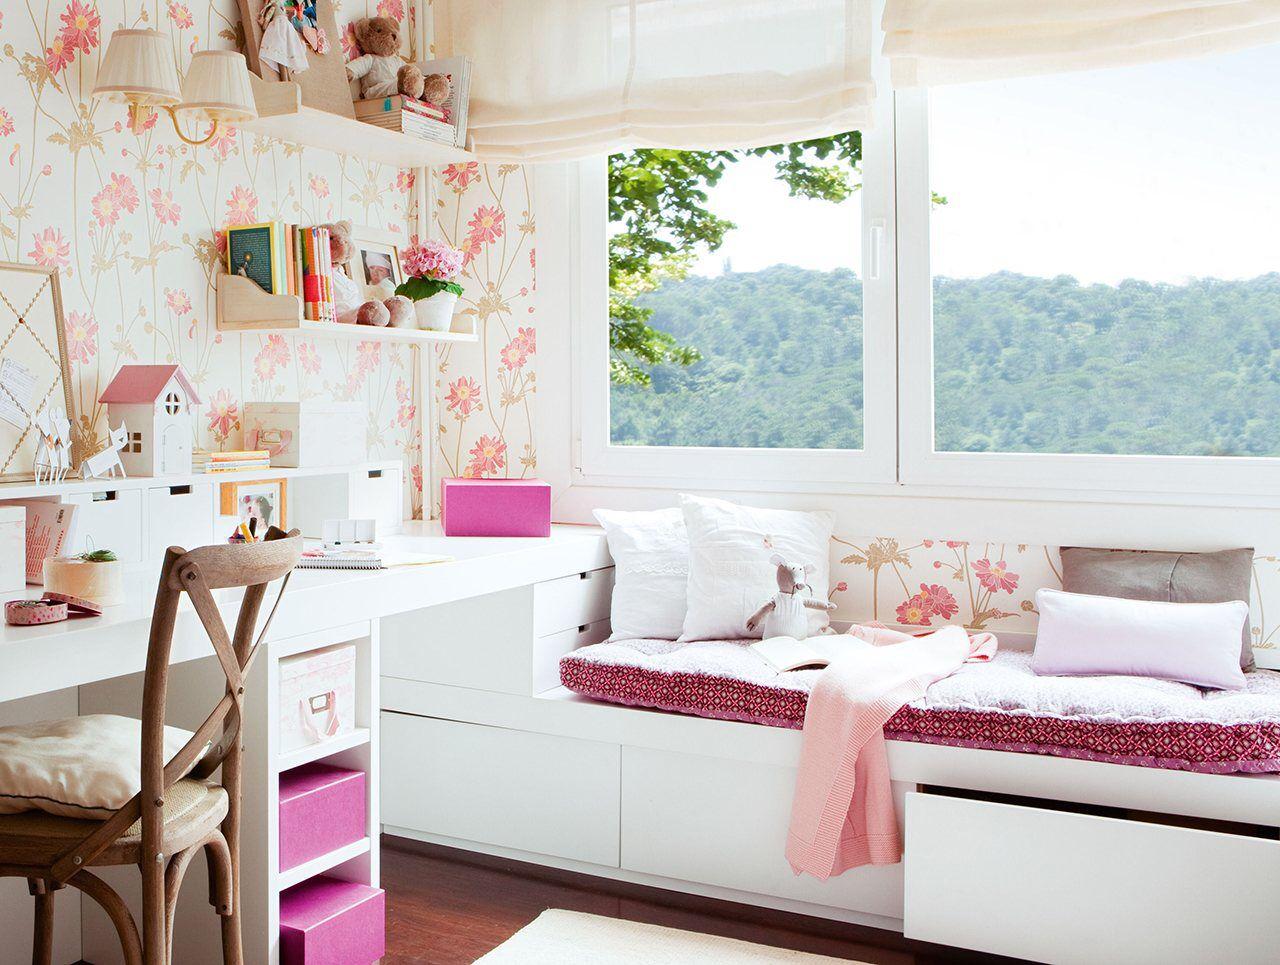 Wall decor for teen bedroom cajones debajo de la cama  creatividad  pinterest  room bedrooms